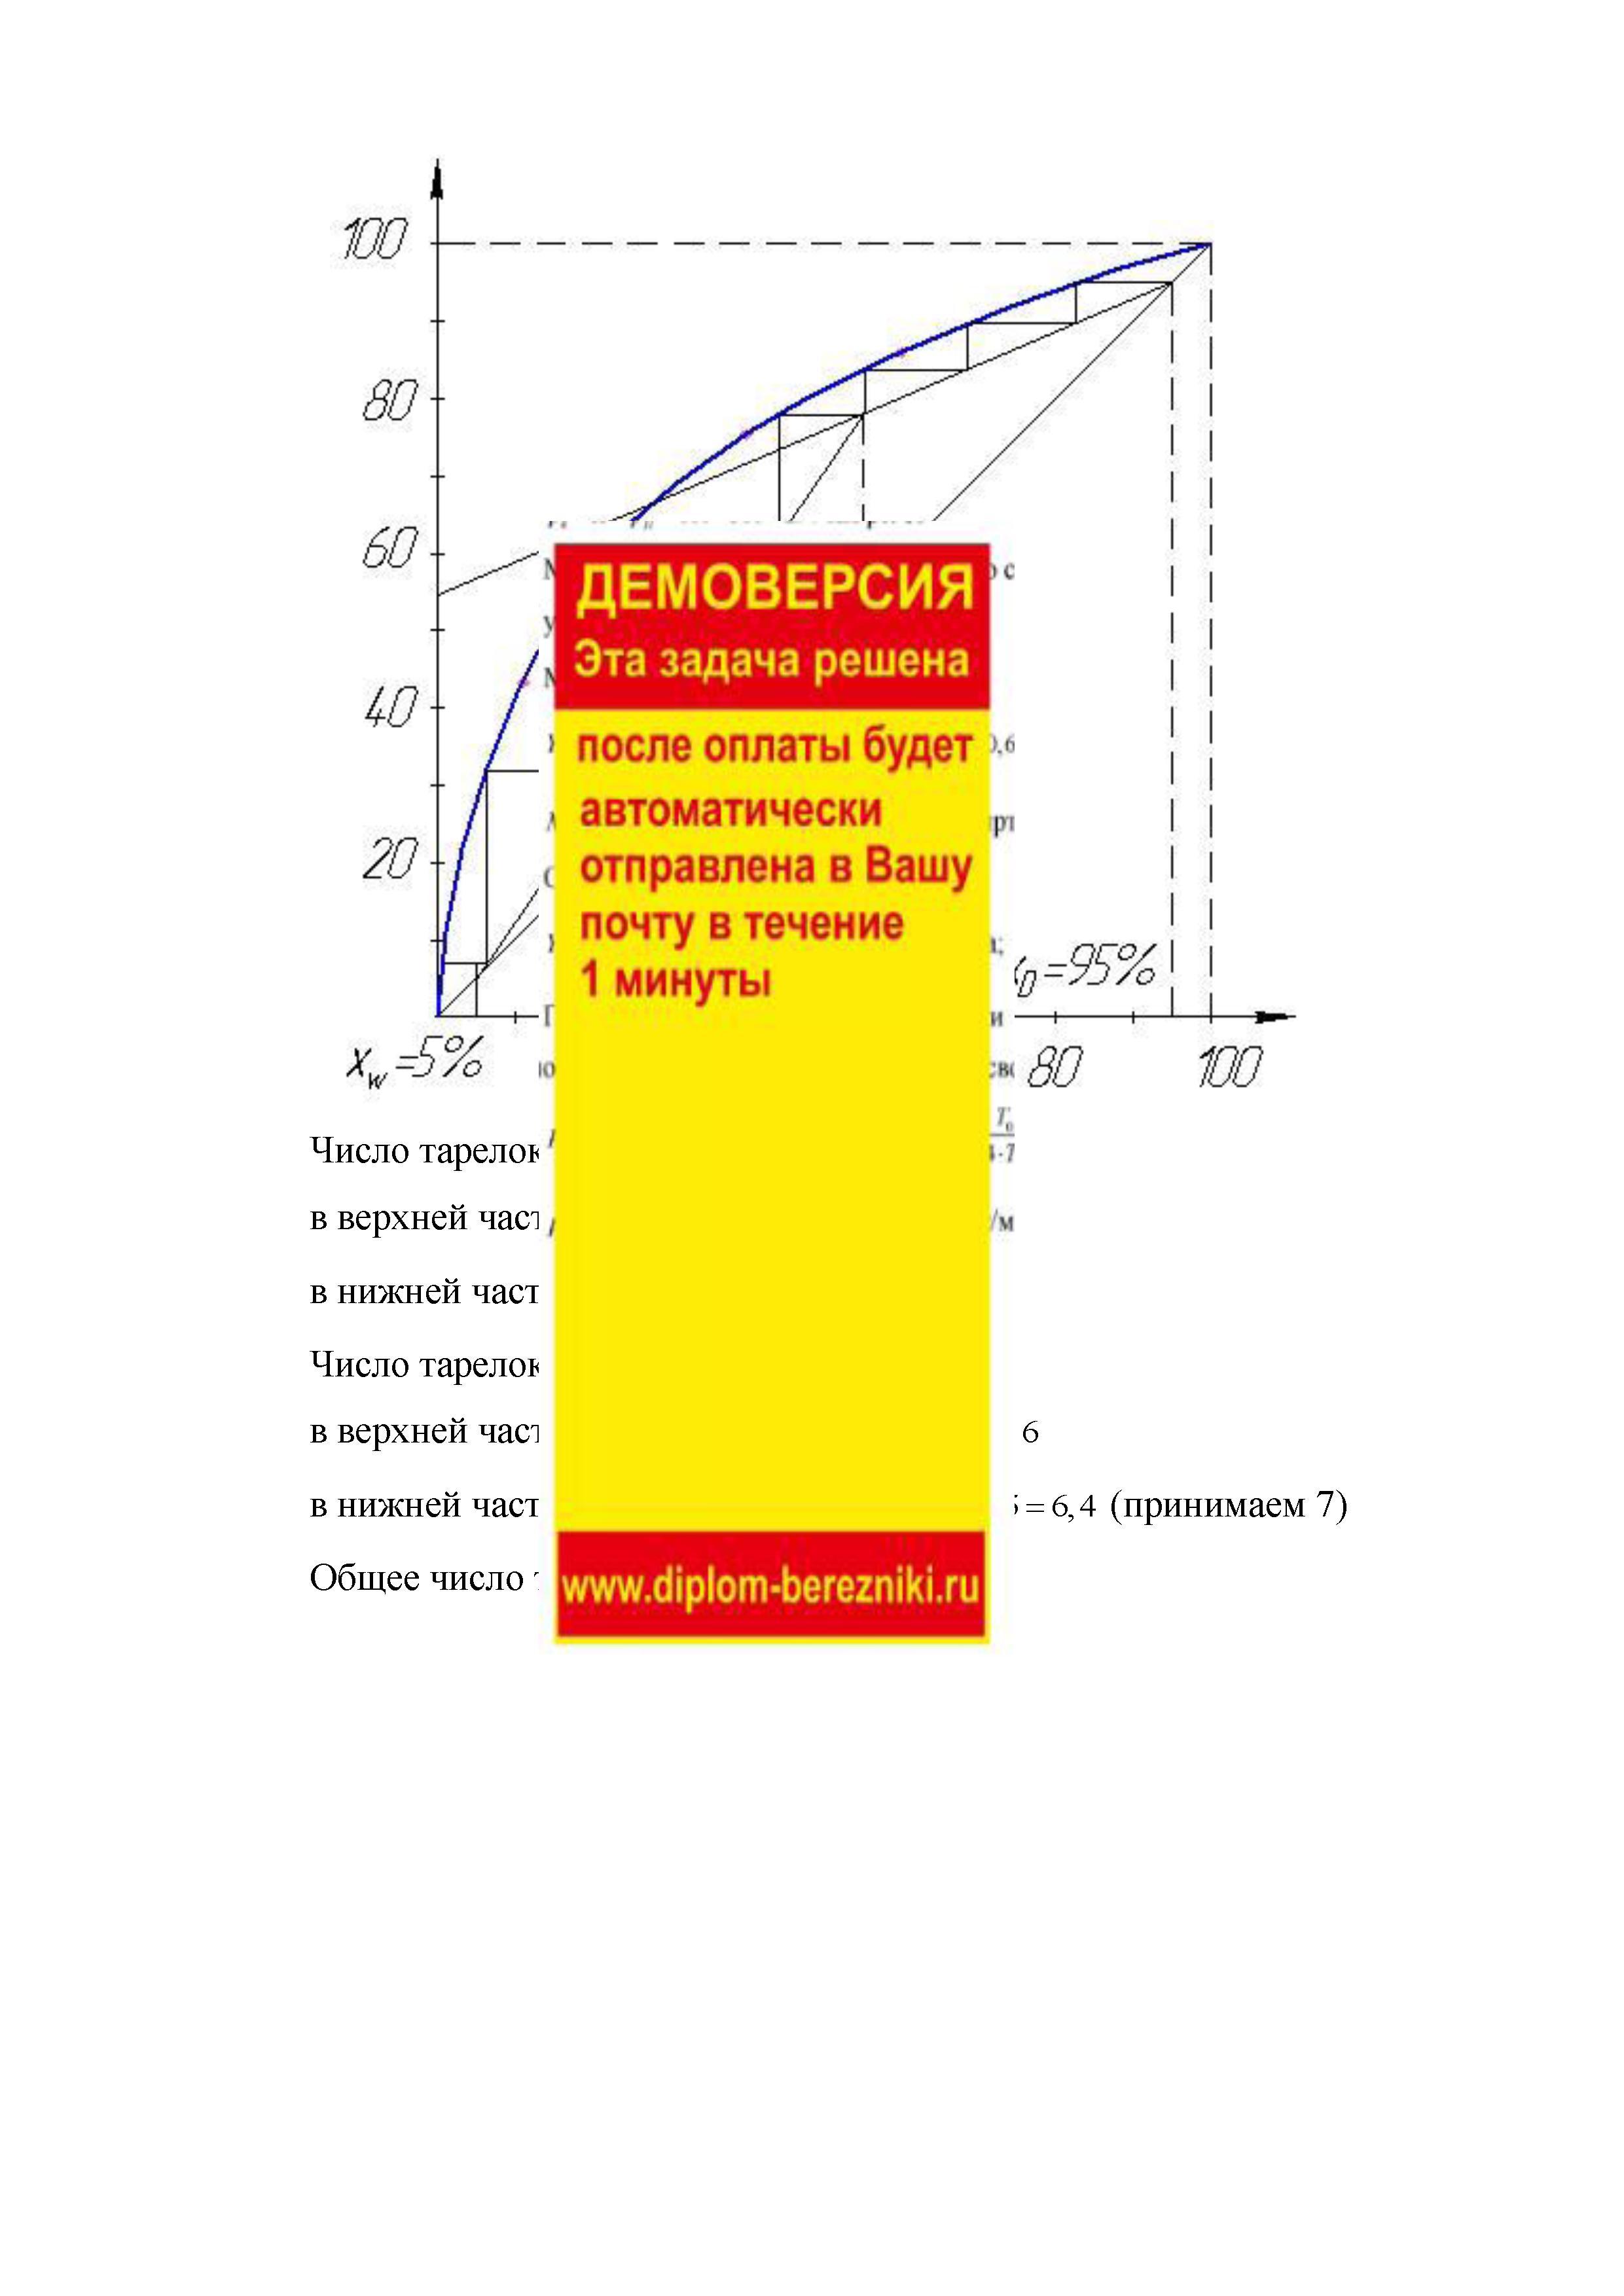 В ректификационной колонне с колпачковыми тарелками производится разделение жидкой смеси метанол - вода. Концентрация метанола в исходной смеси xf = 0,55, в кубовом остатке xw = 0,05, в дистилляте хр = 0,95